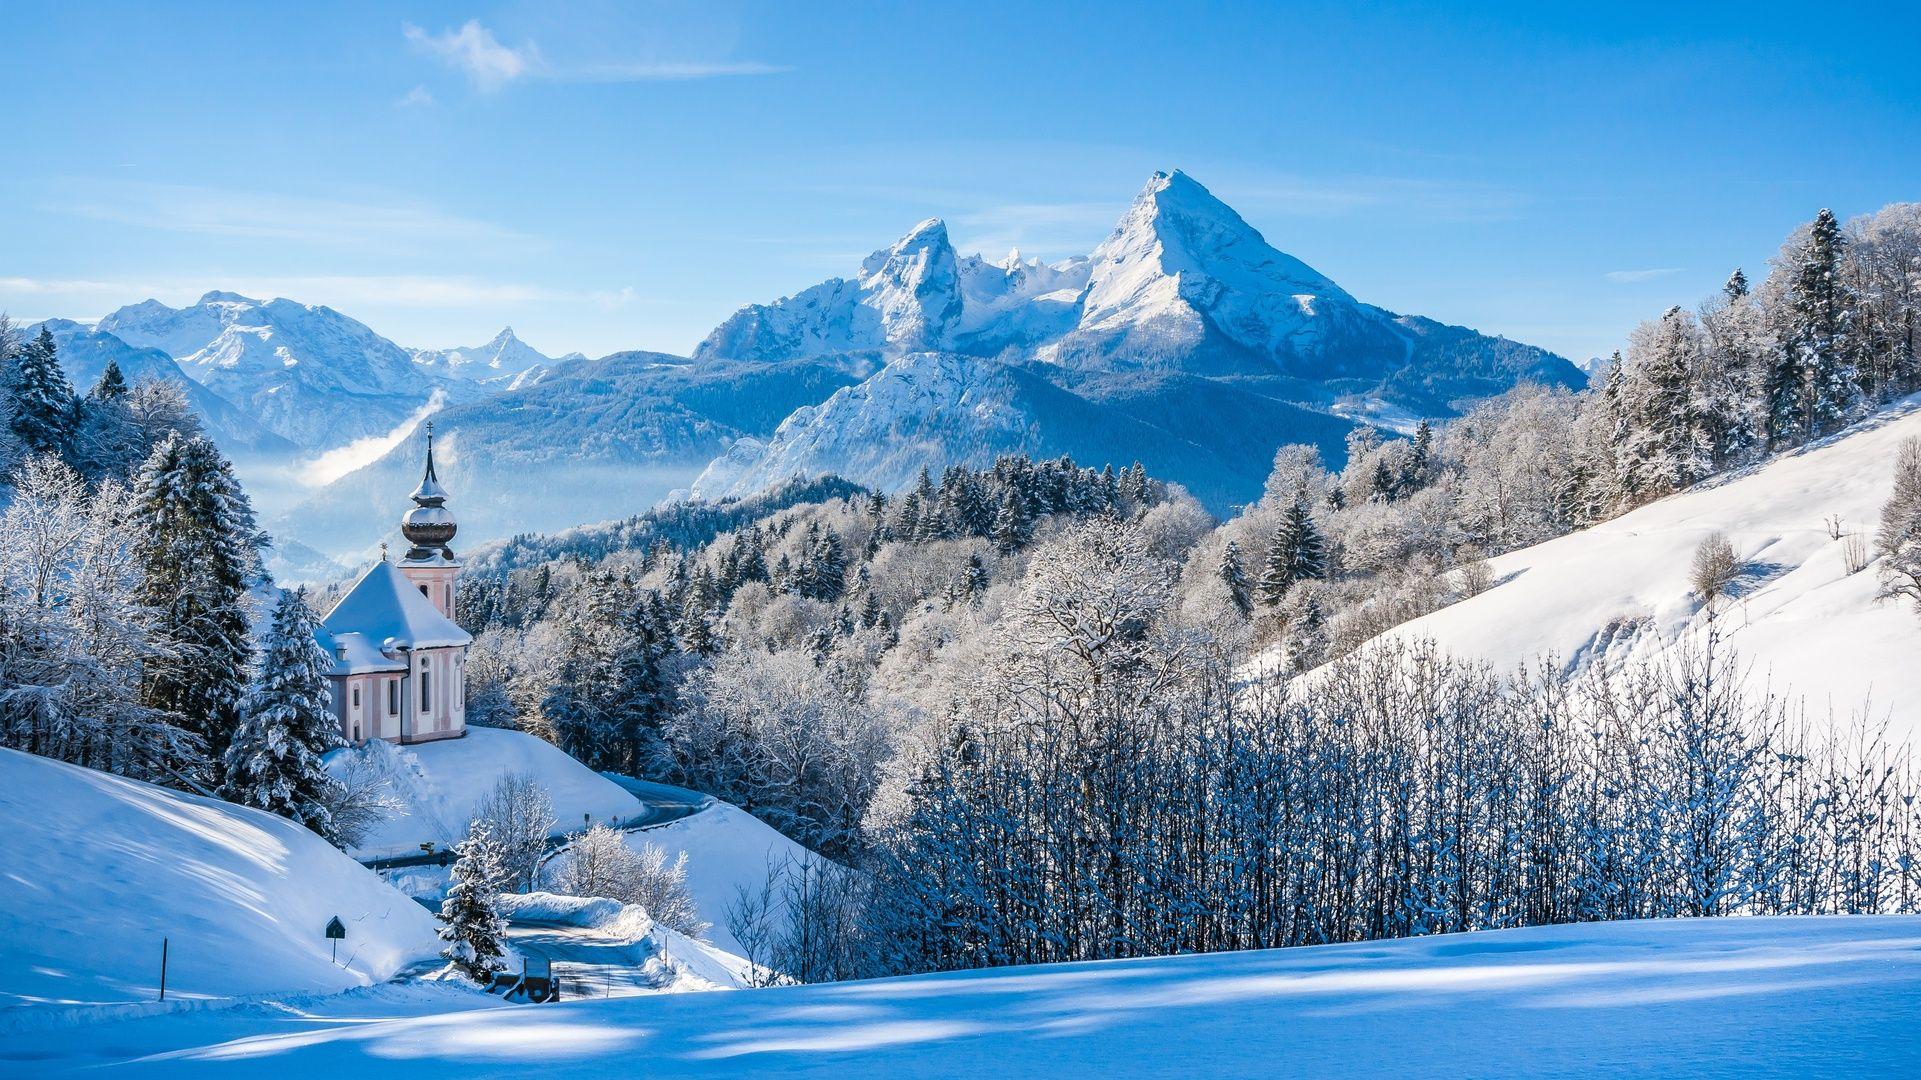 Landscape 4K Ultra HD Wallpaper | Winter landscape with snow 4K Ultra HD wallpaper | 4k ...